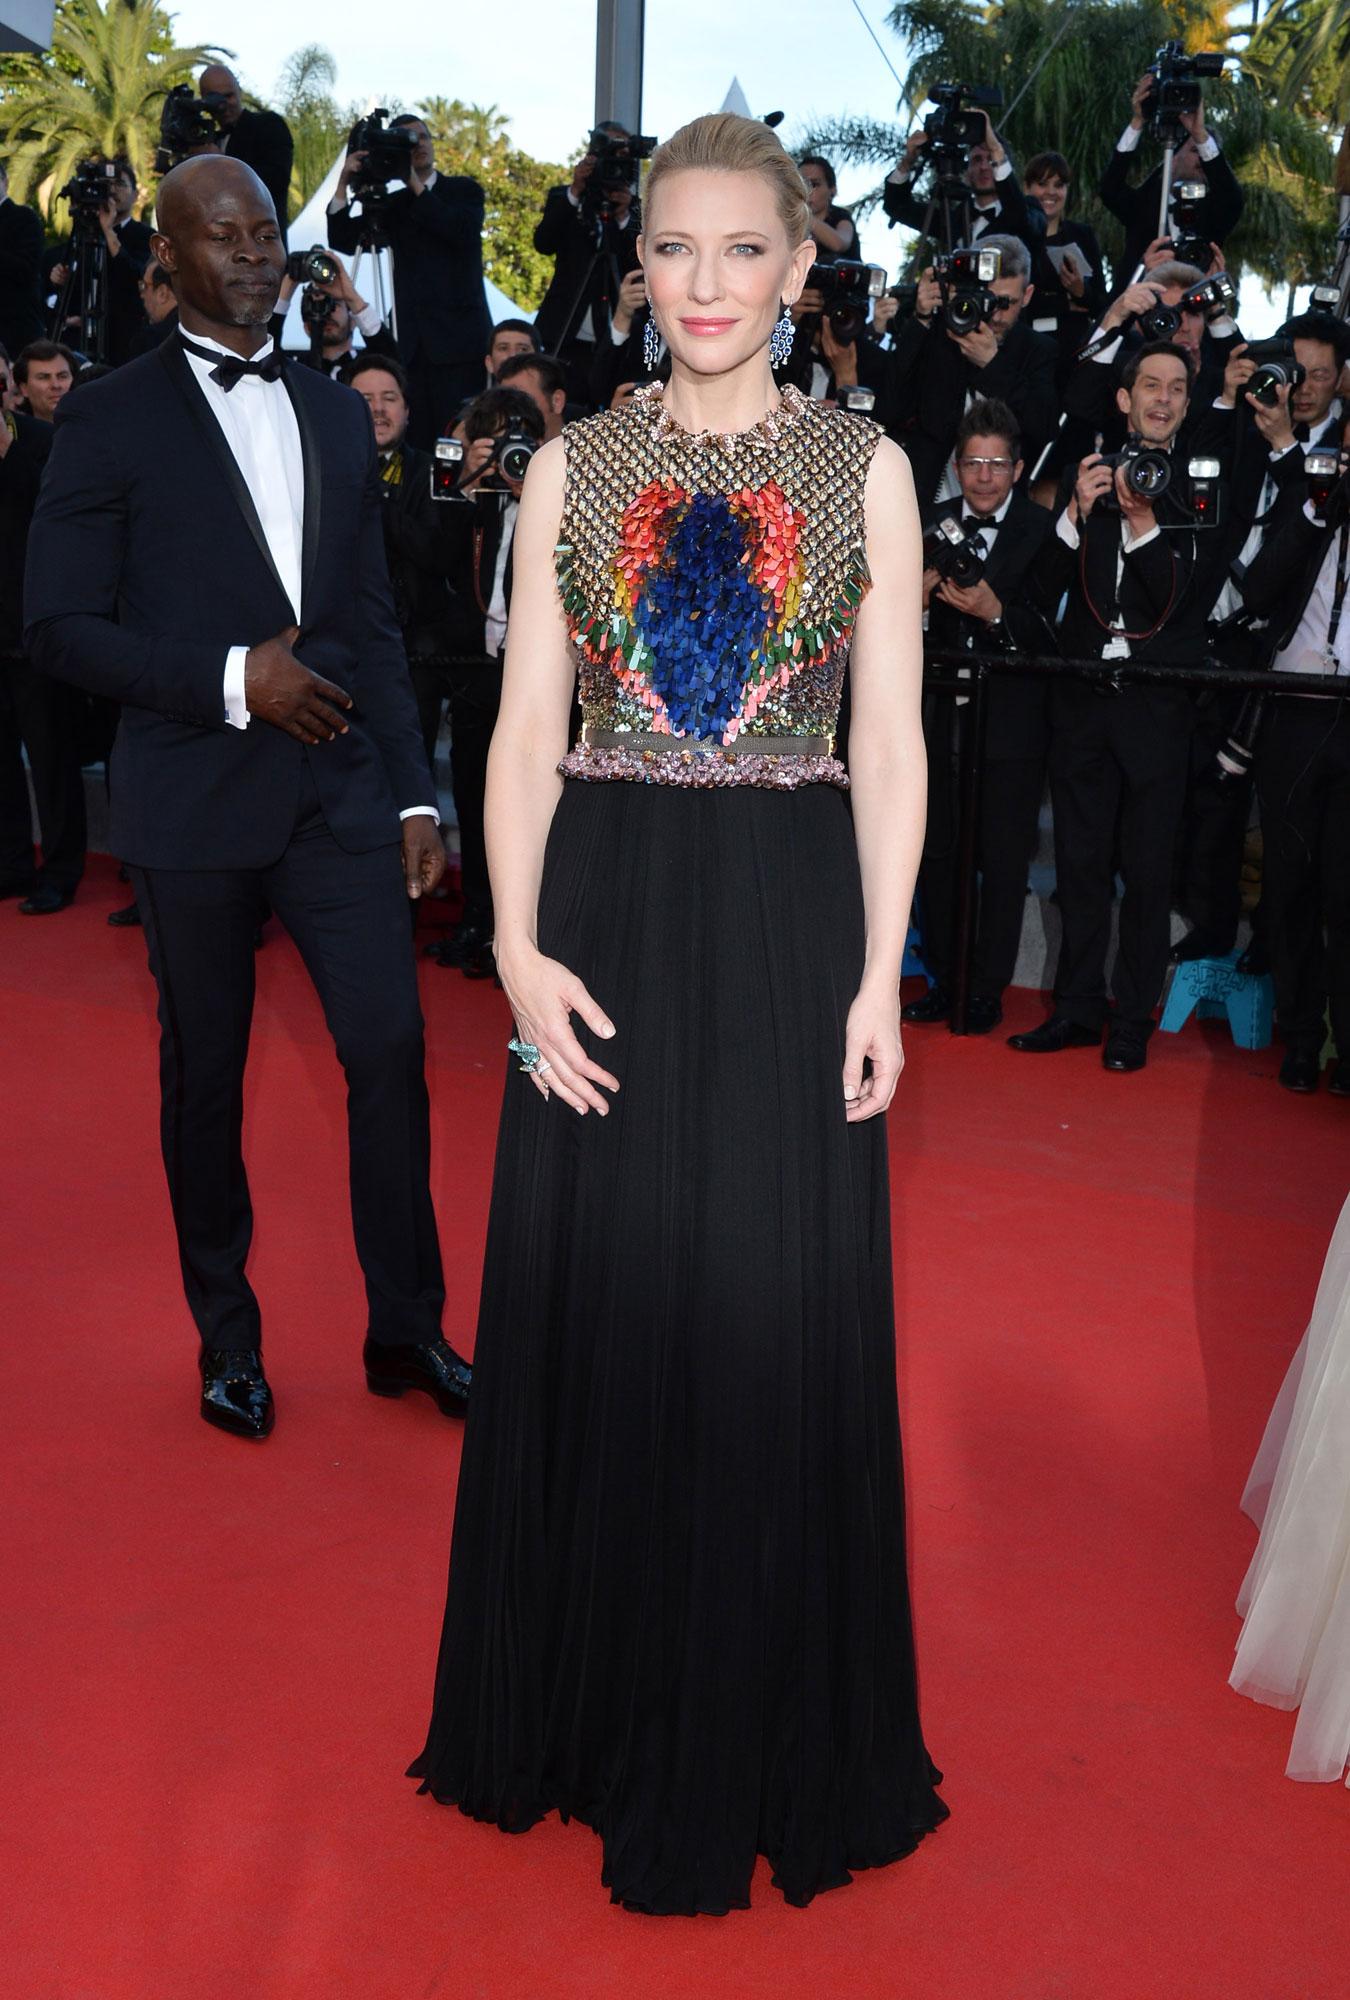 Cate Blanchett dans une robe de soirée longue signée Givenchy